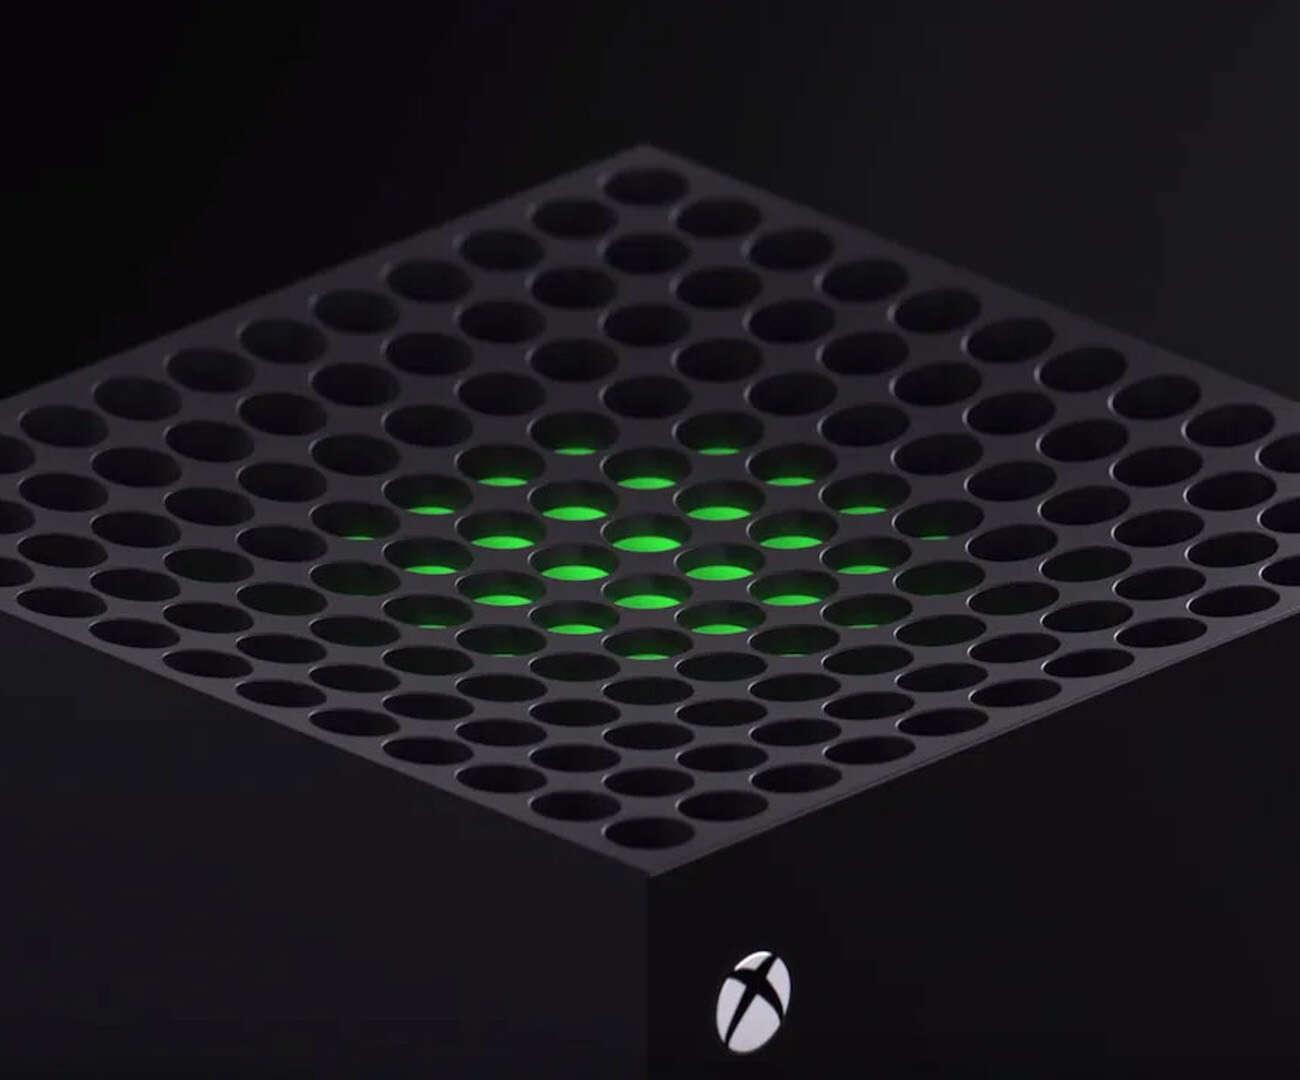 Animowanie tła na Xbox ekskluzywne do dwóch konsol